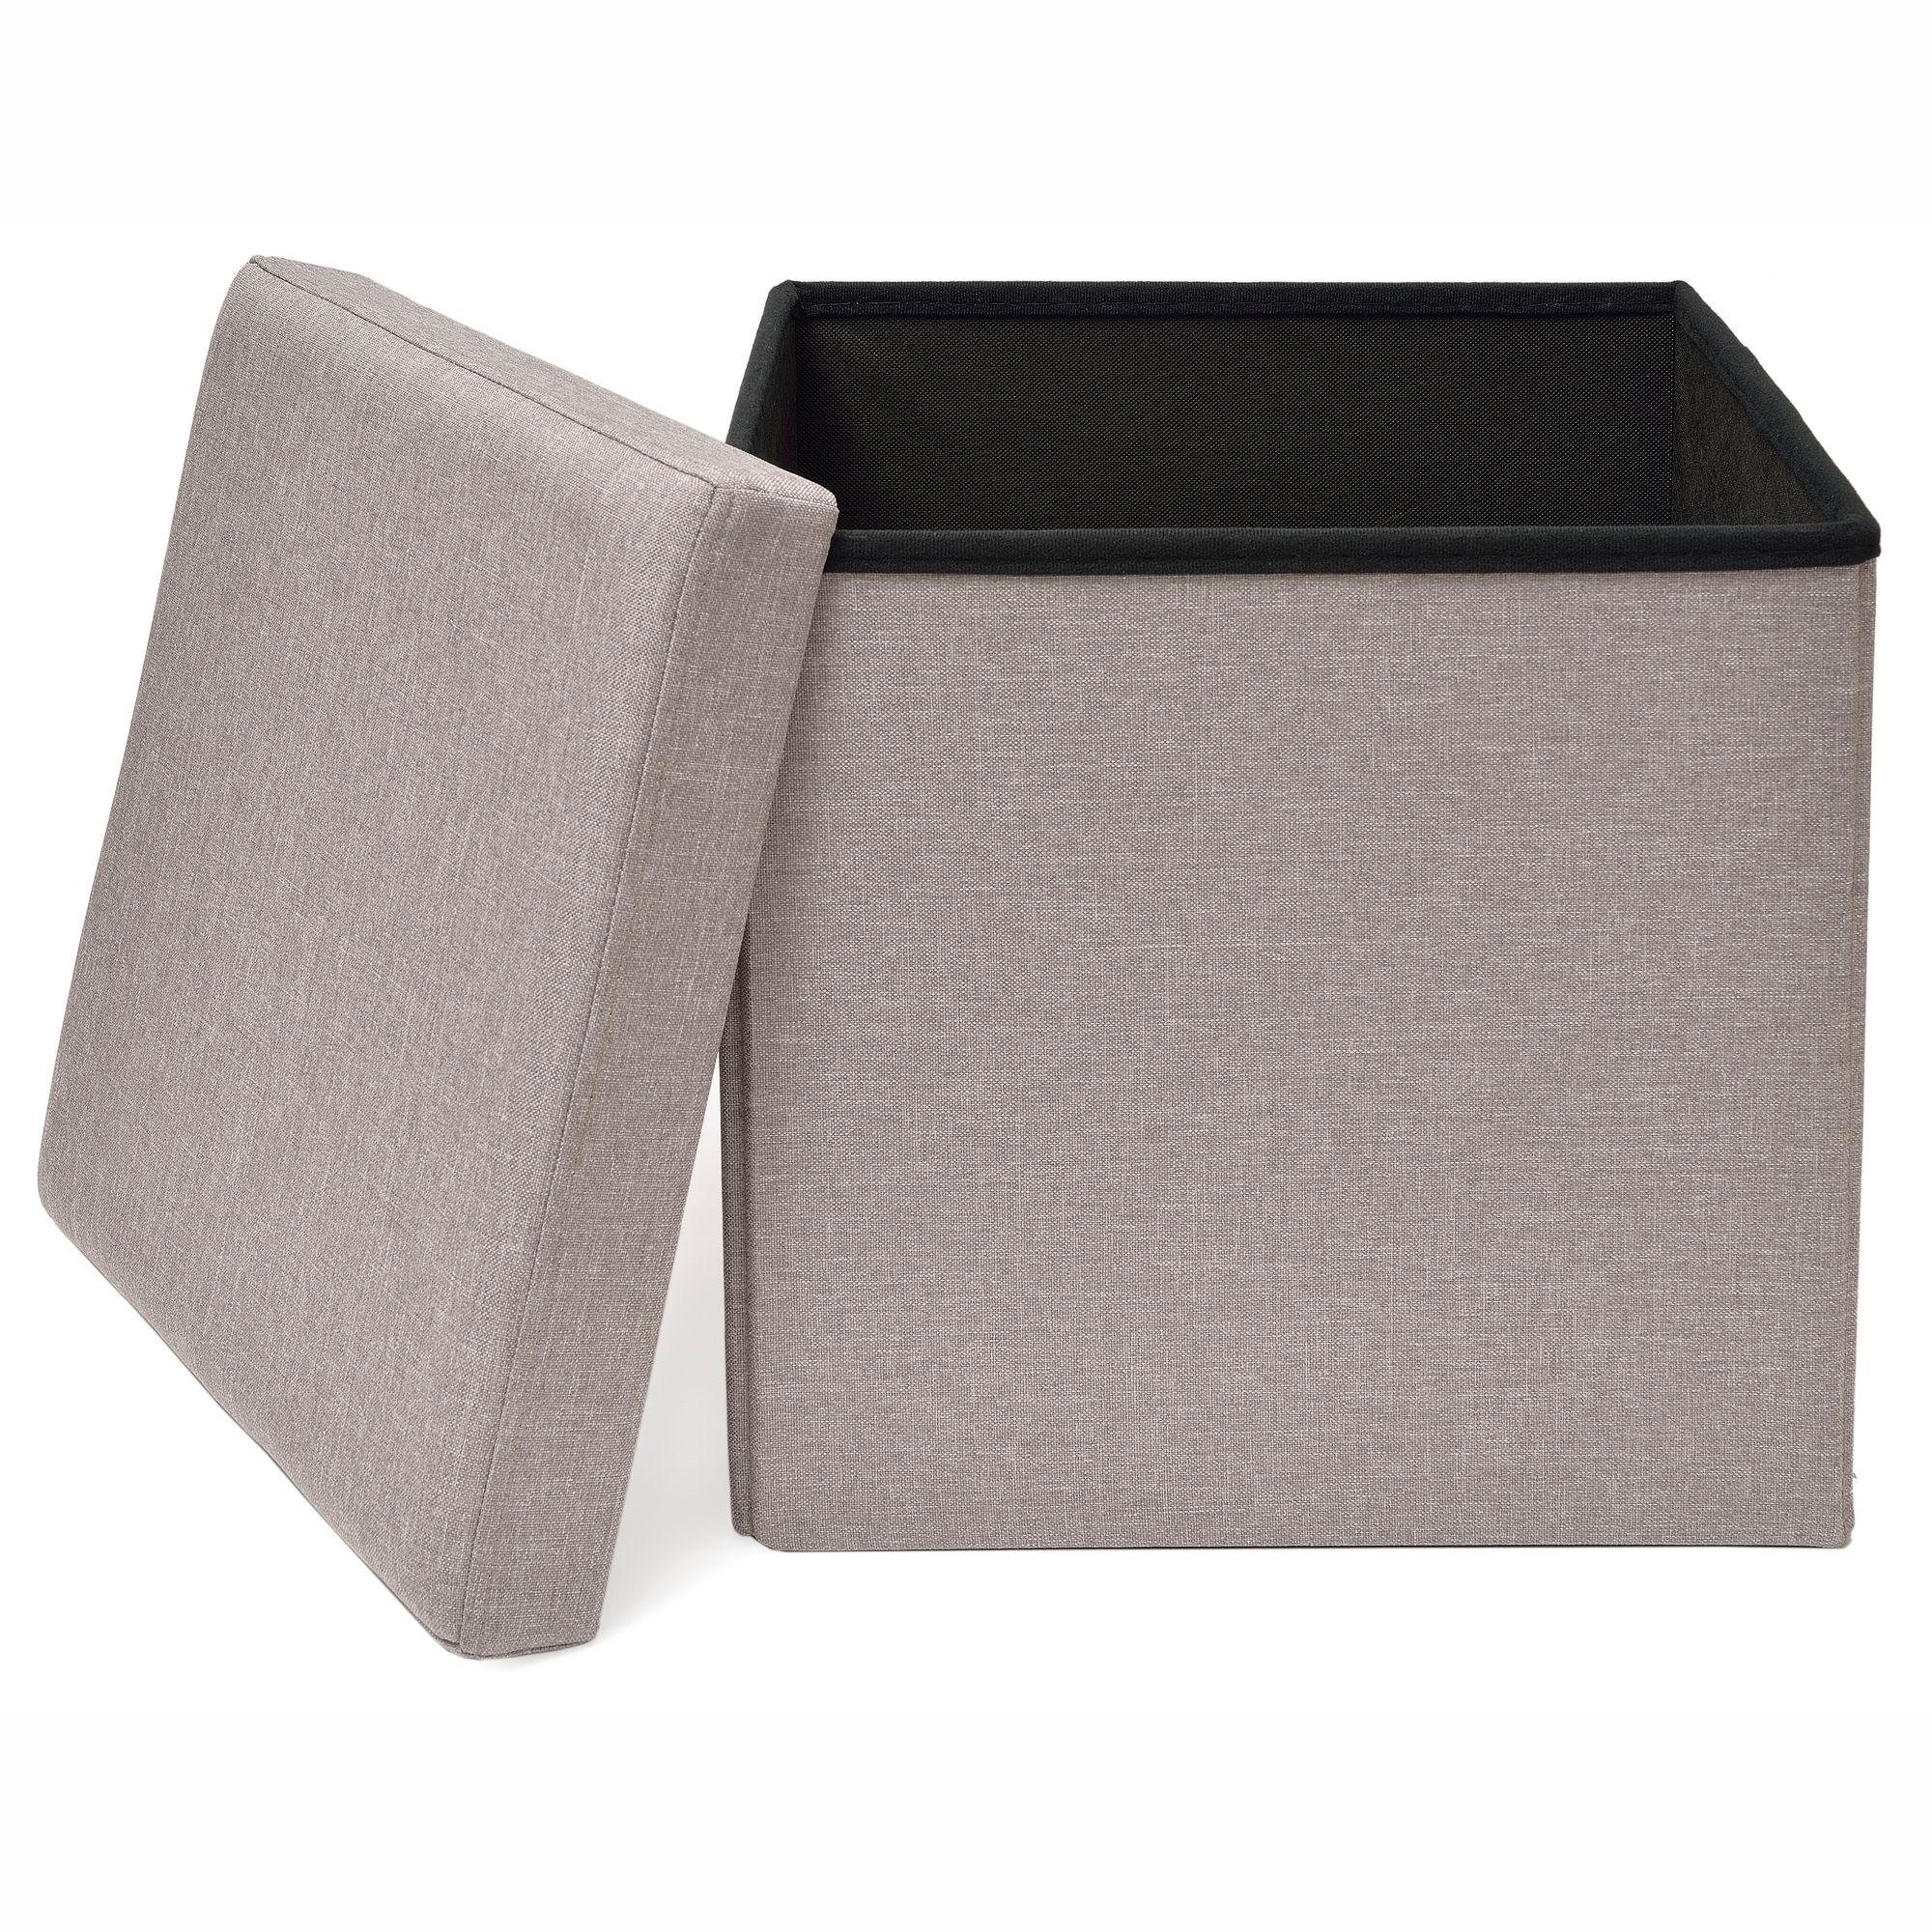 Studio 3B™ Folding Storage Ottoman with Tray